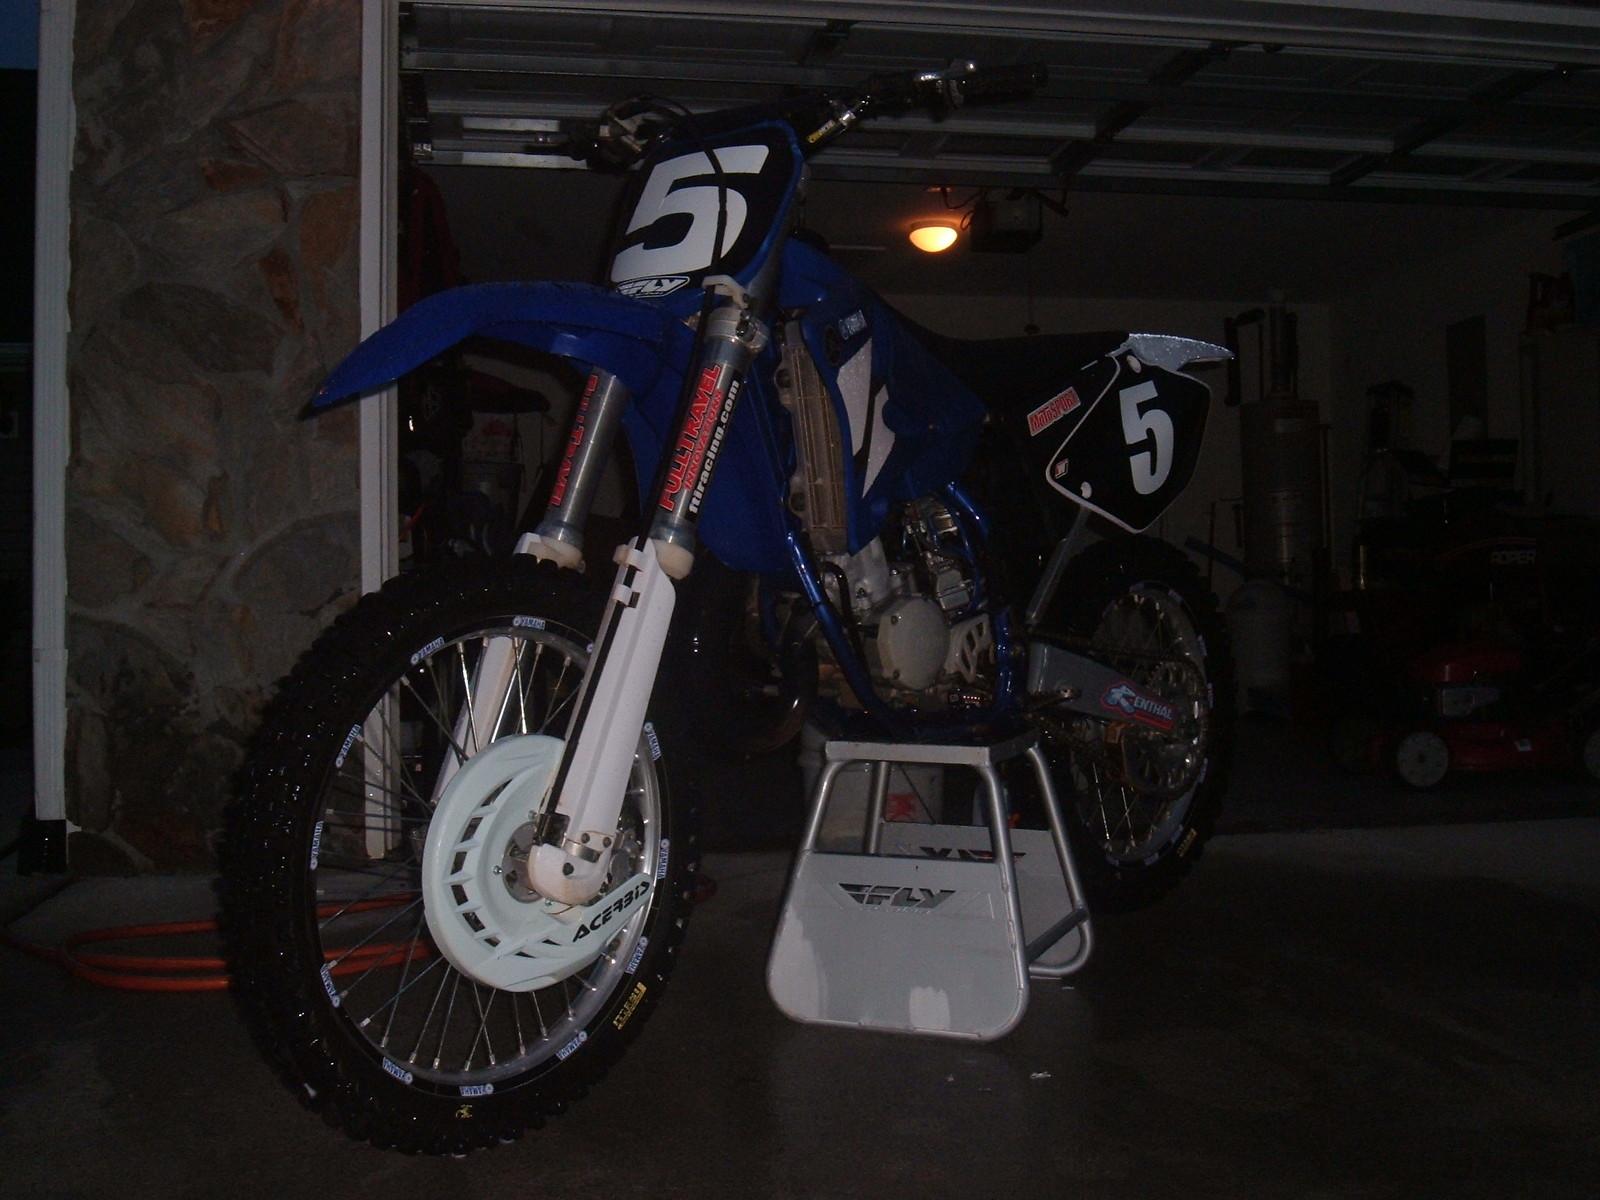 new new 009 - antonio.dobson - Motocross Pictures - Vital MX